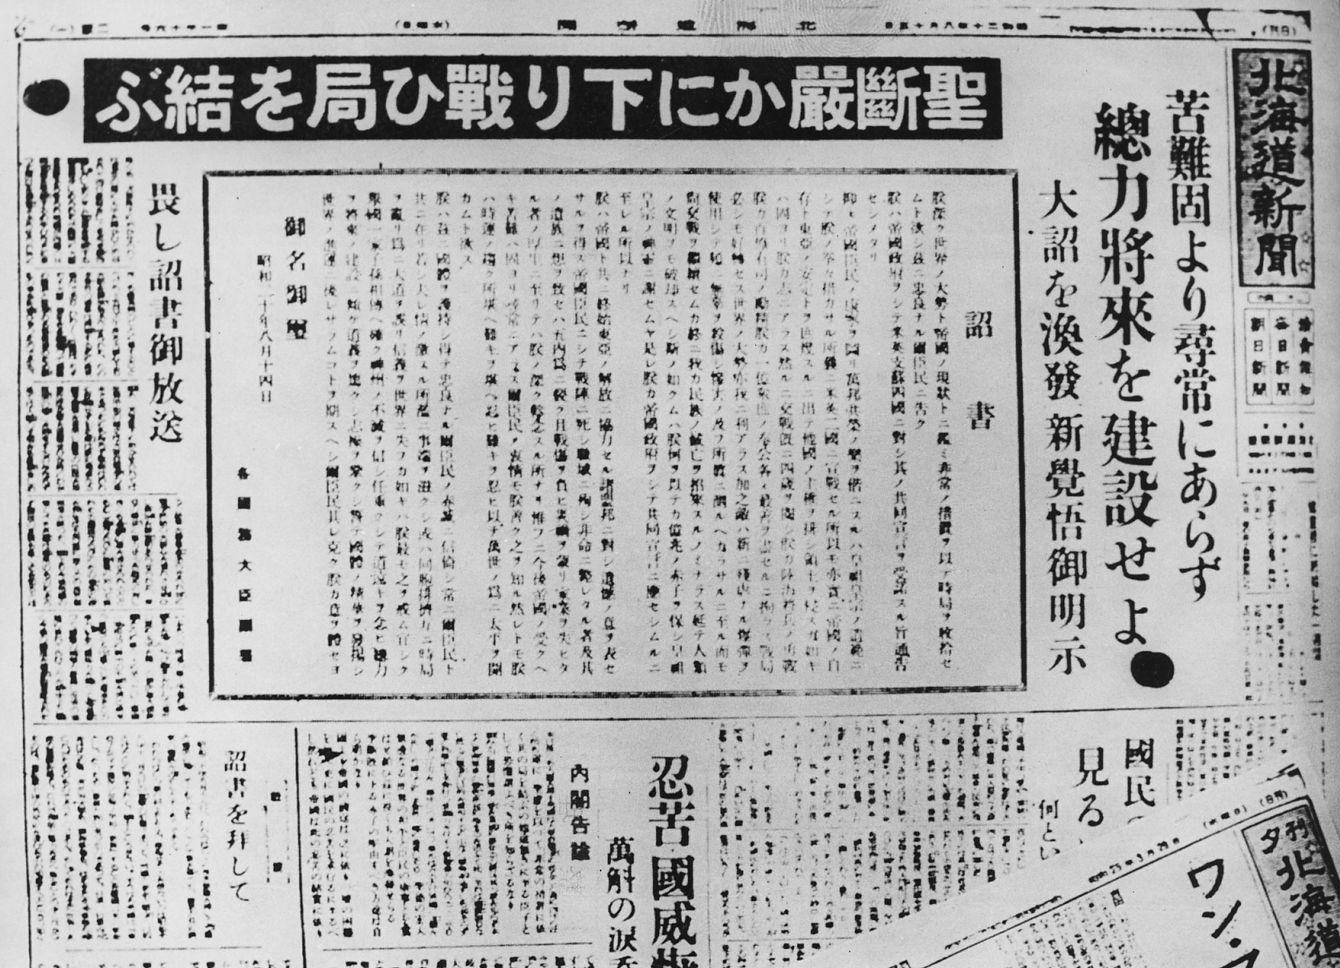 昭和20年8月15日終戦の日の北海道新聞紙面